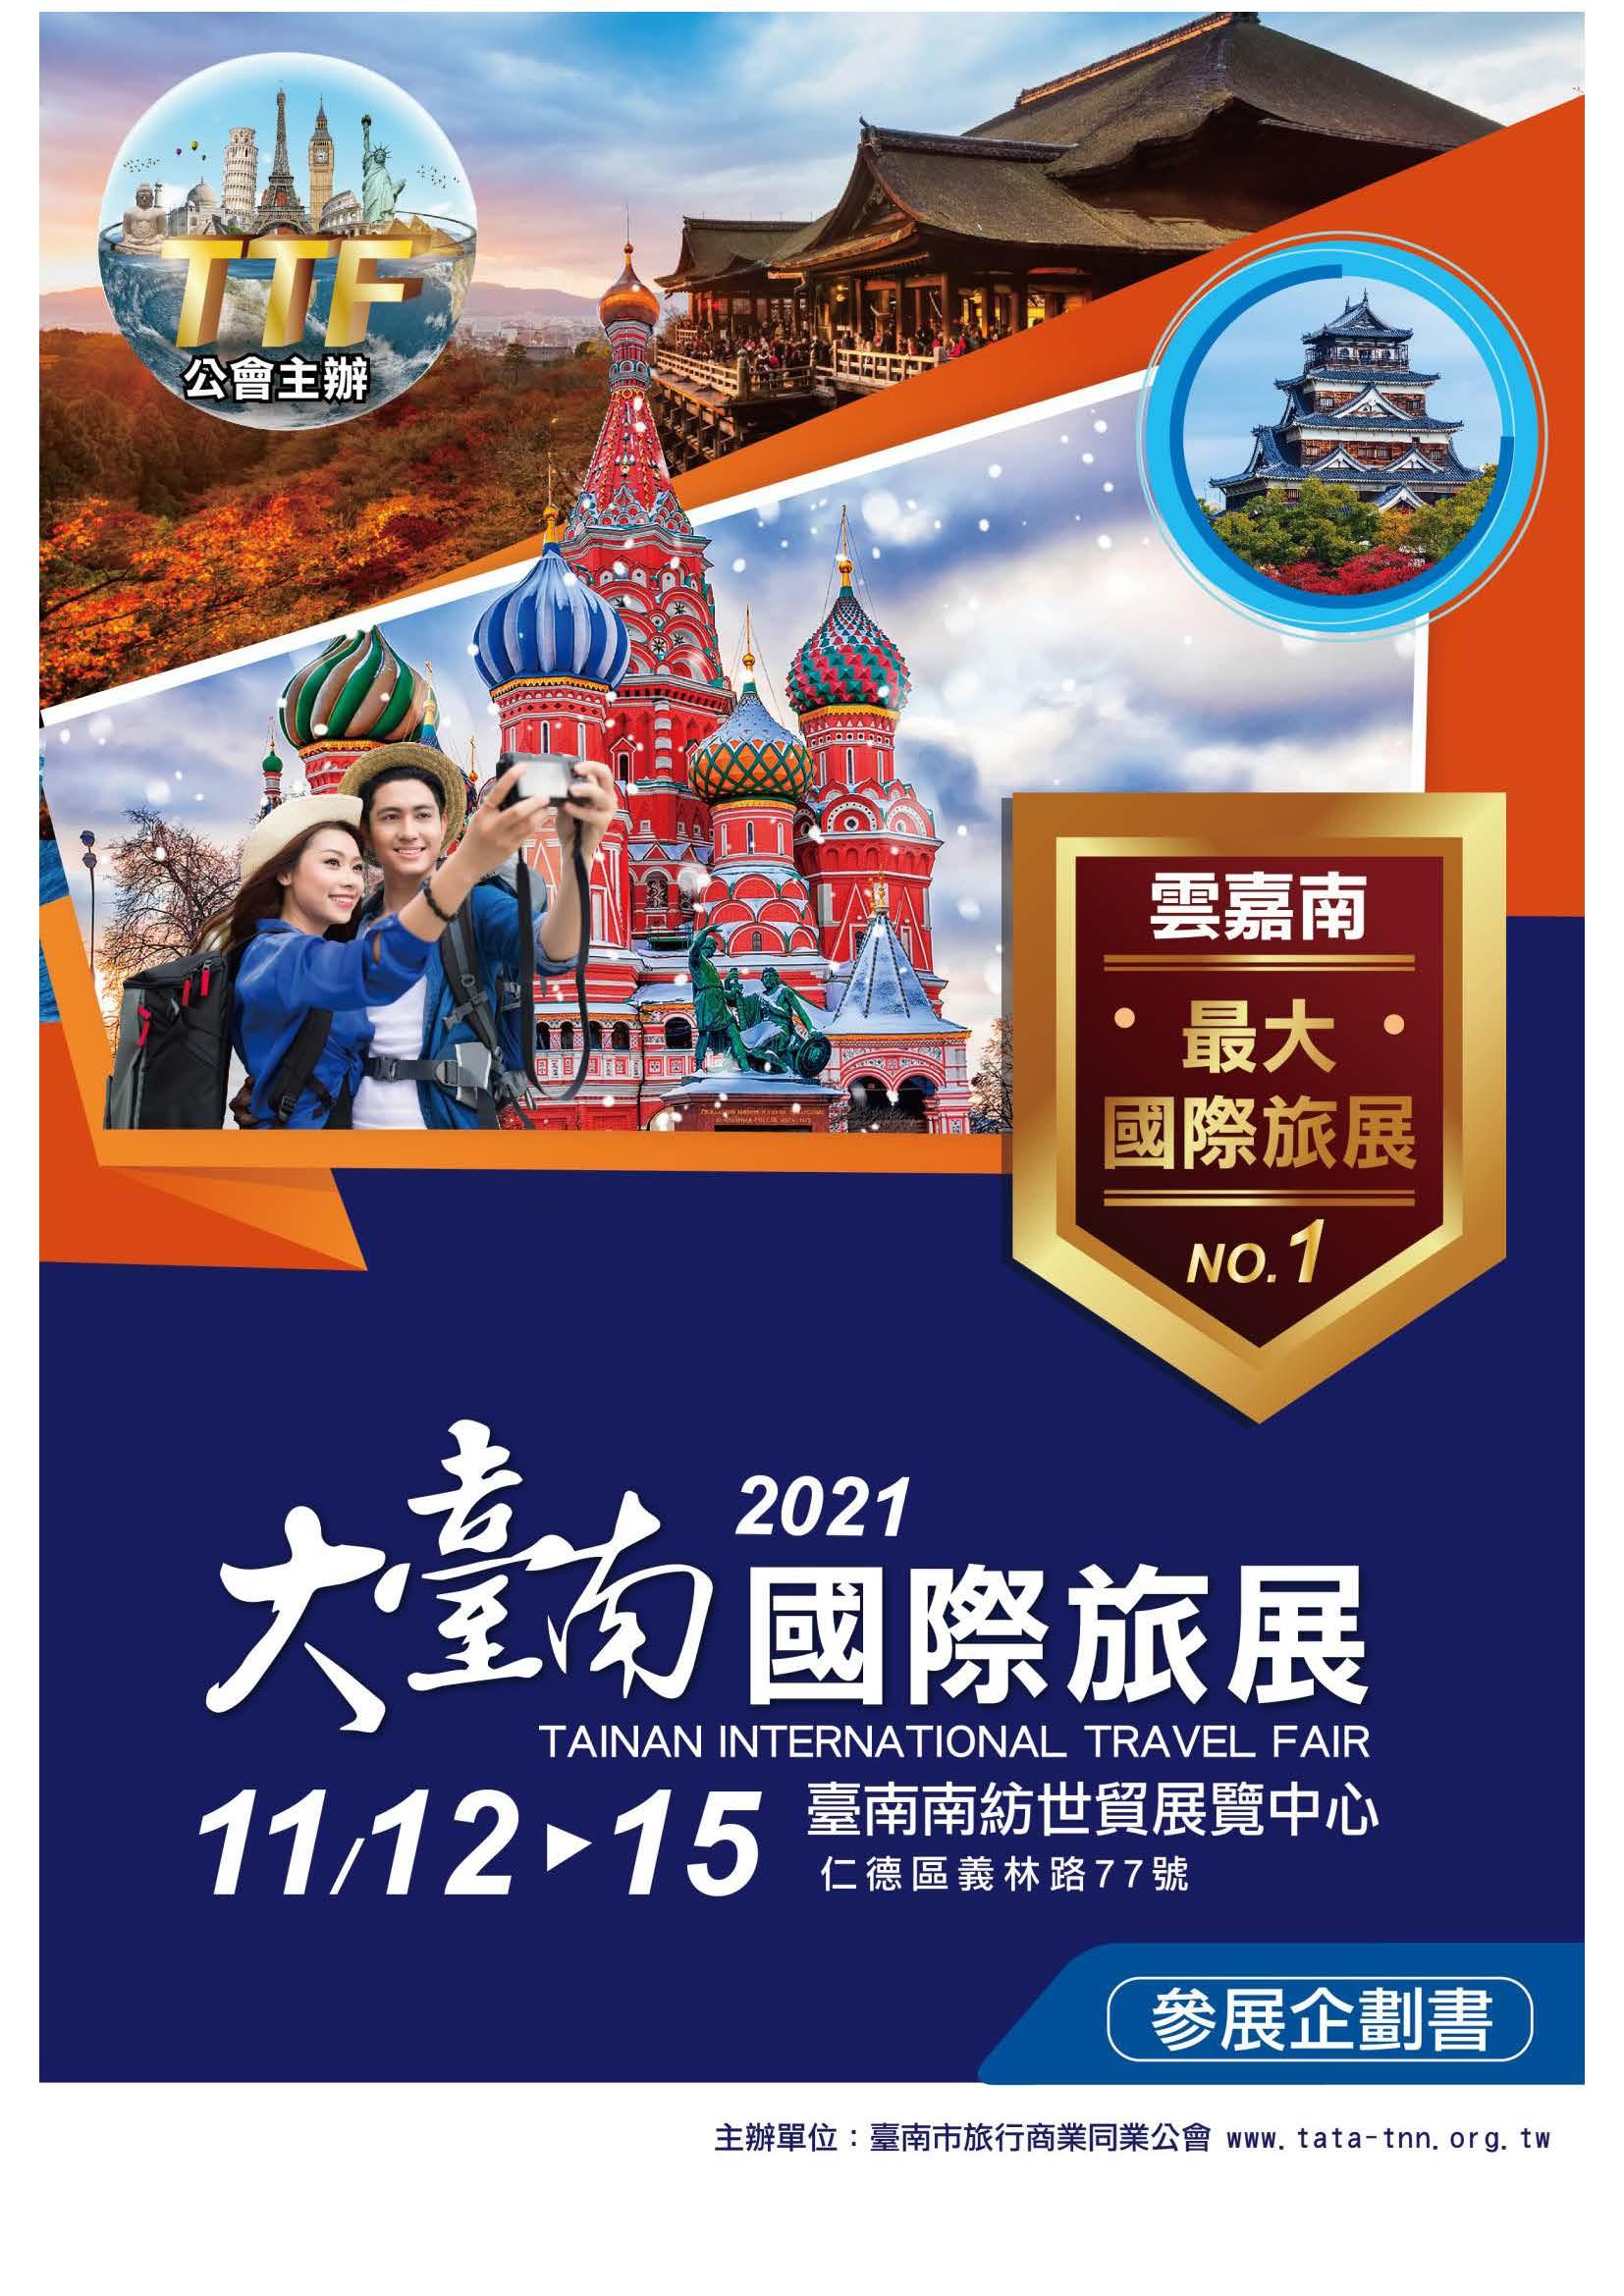 2021.11.12-15大臺南旅展企劃書(單頁版)_頁面_01